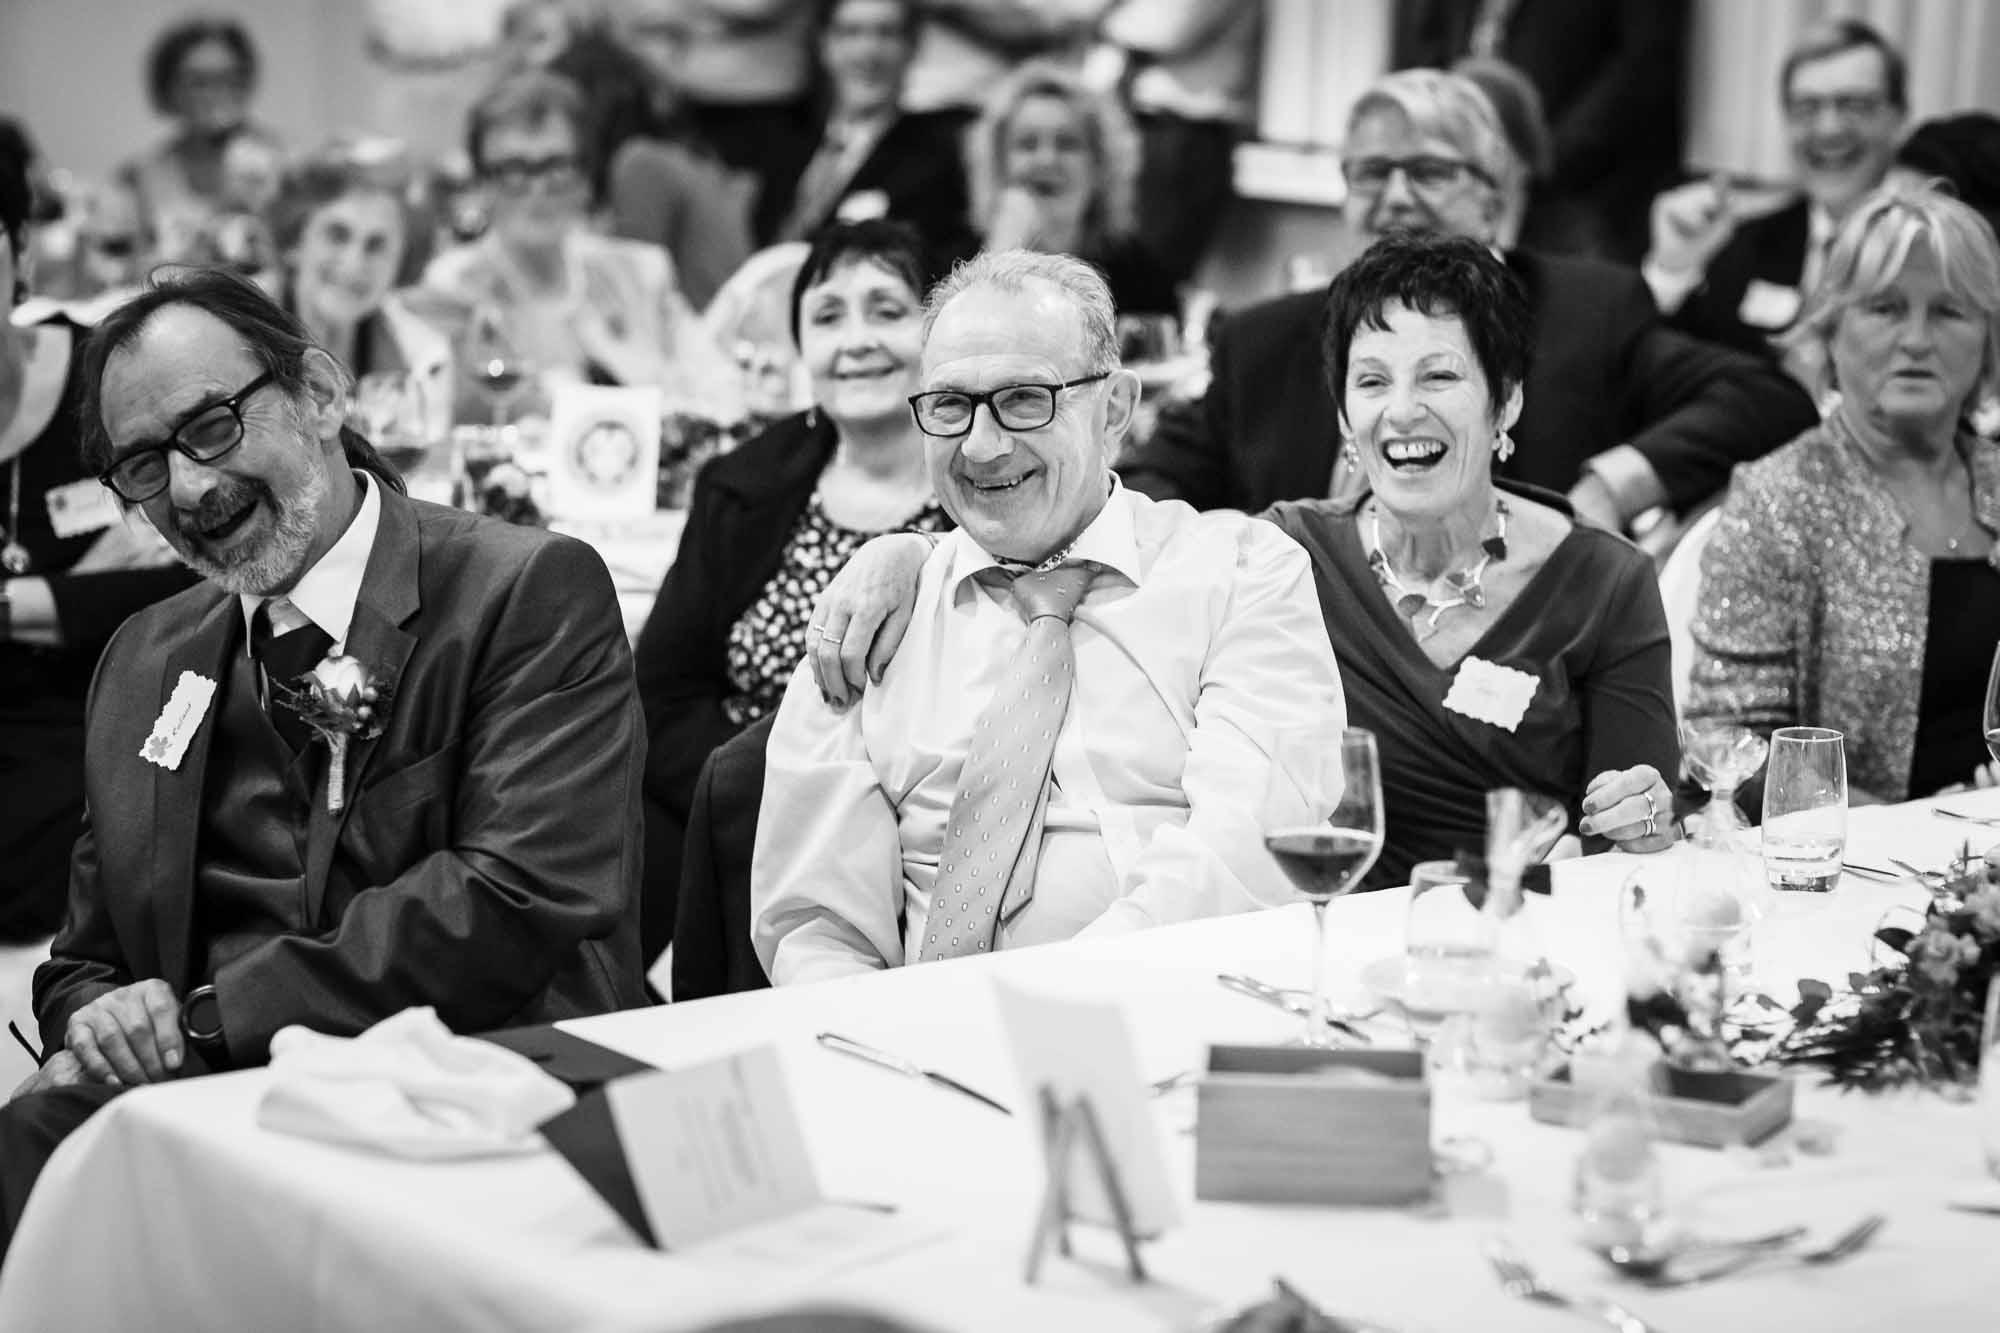 Gäste lachen während Rede